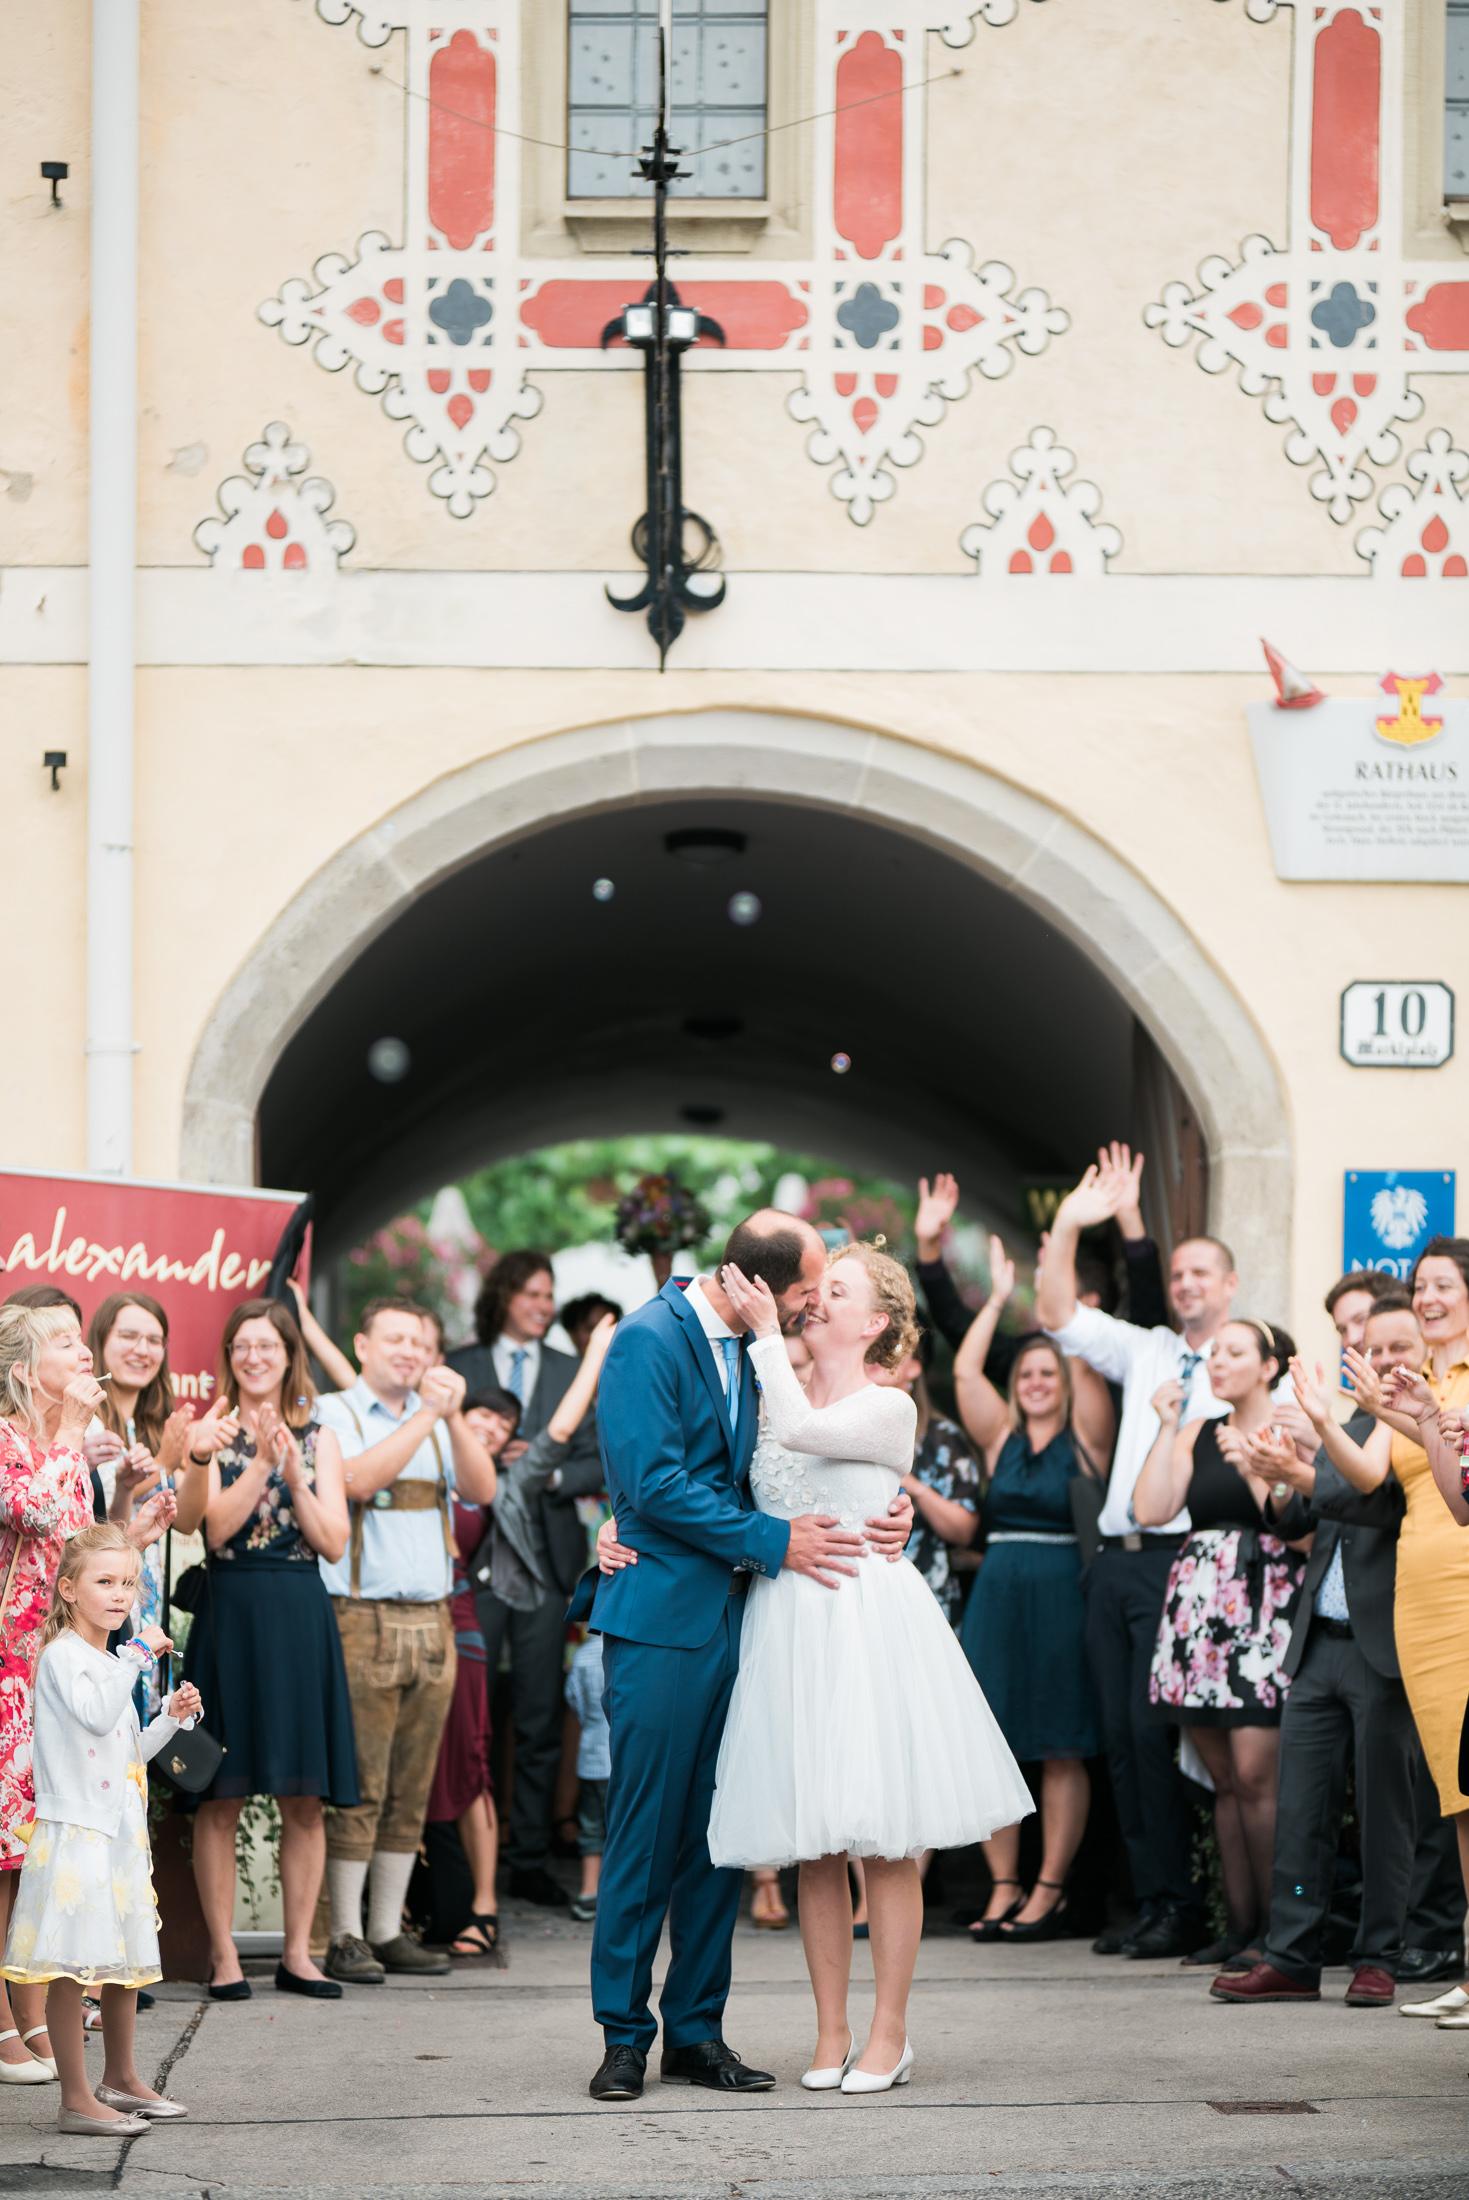 CA-SebastianDonImages-Hochzeitsfotograf  Wien Umgebung (31).jpg